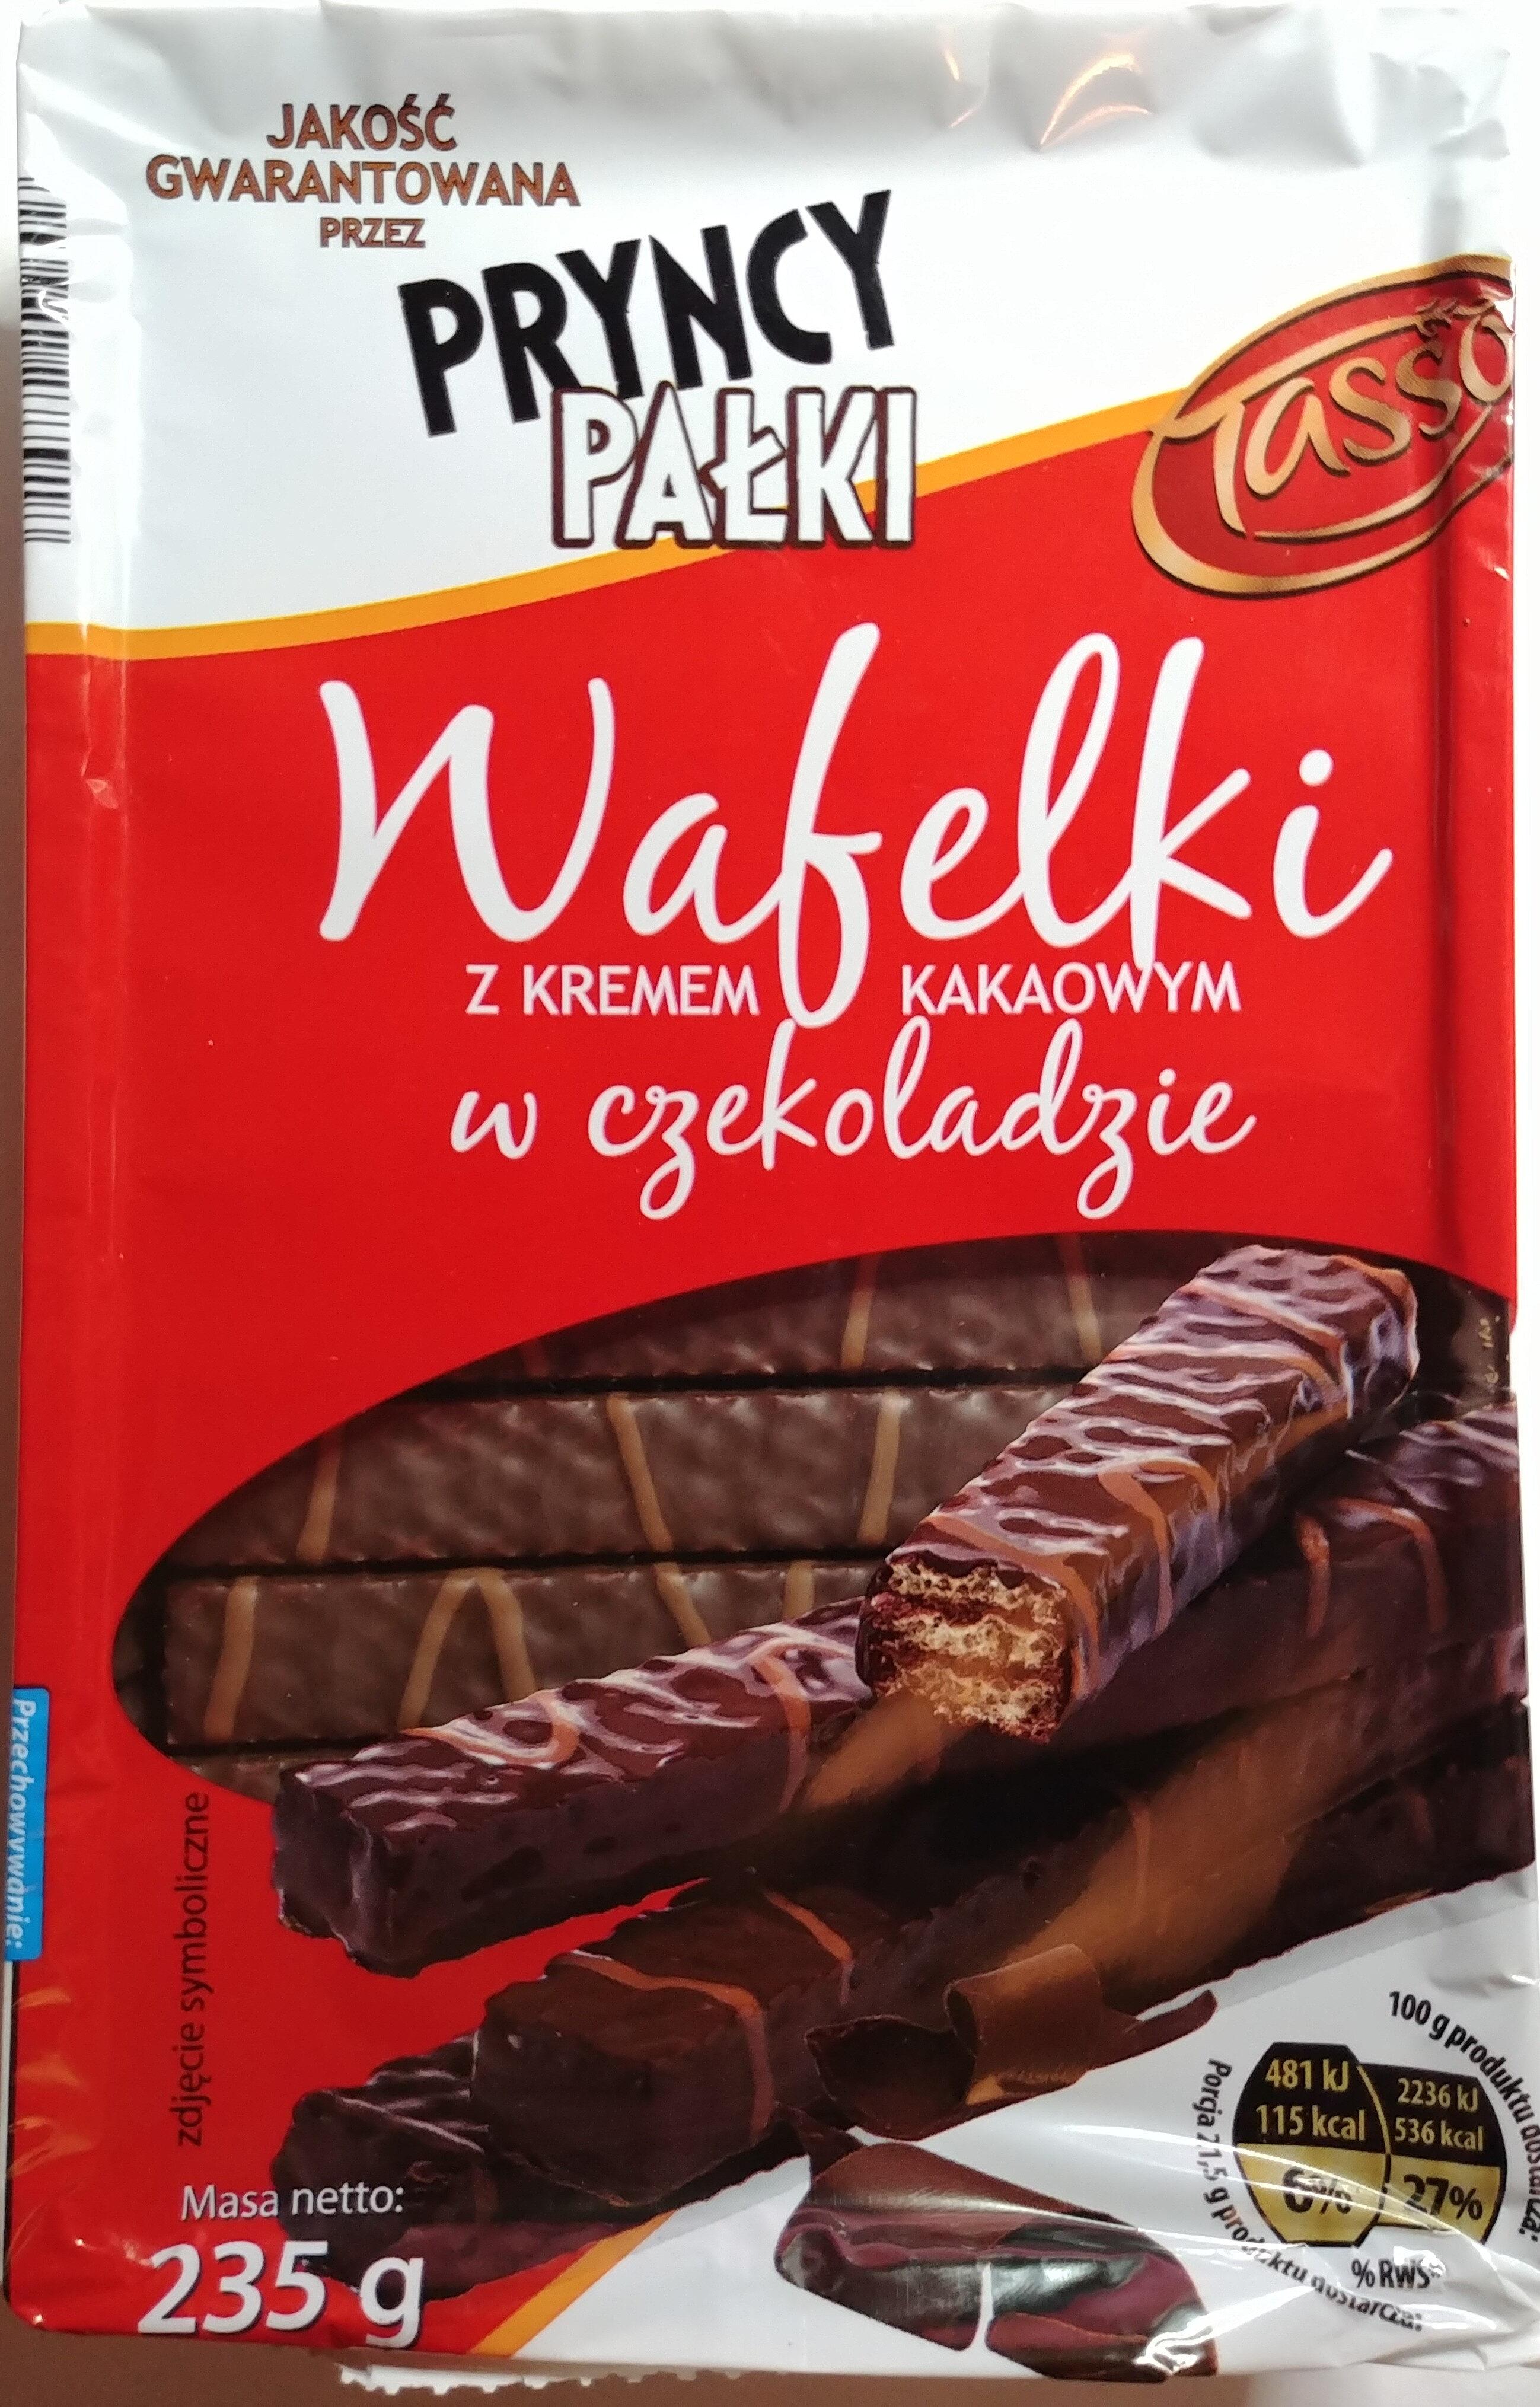 Wafelki z kremem kawowym w czekoladzie (43%). - Product